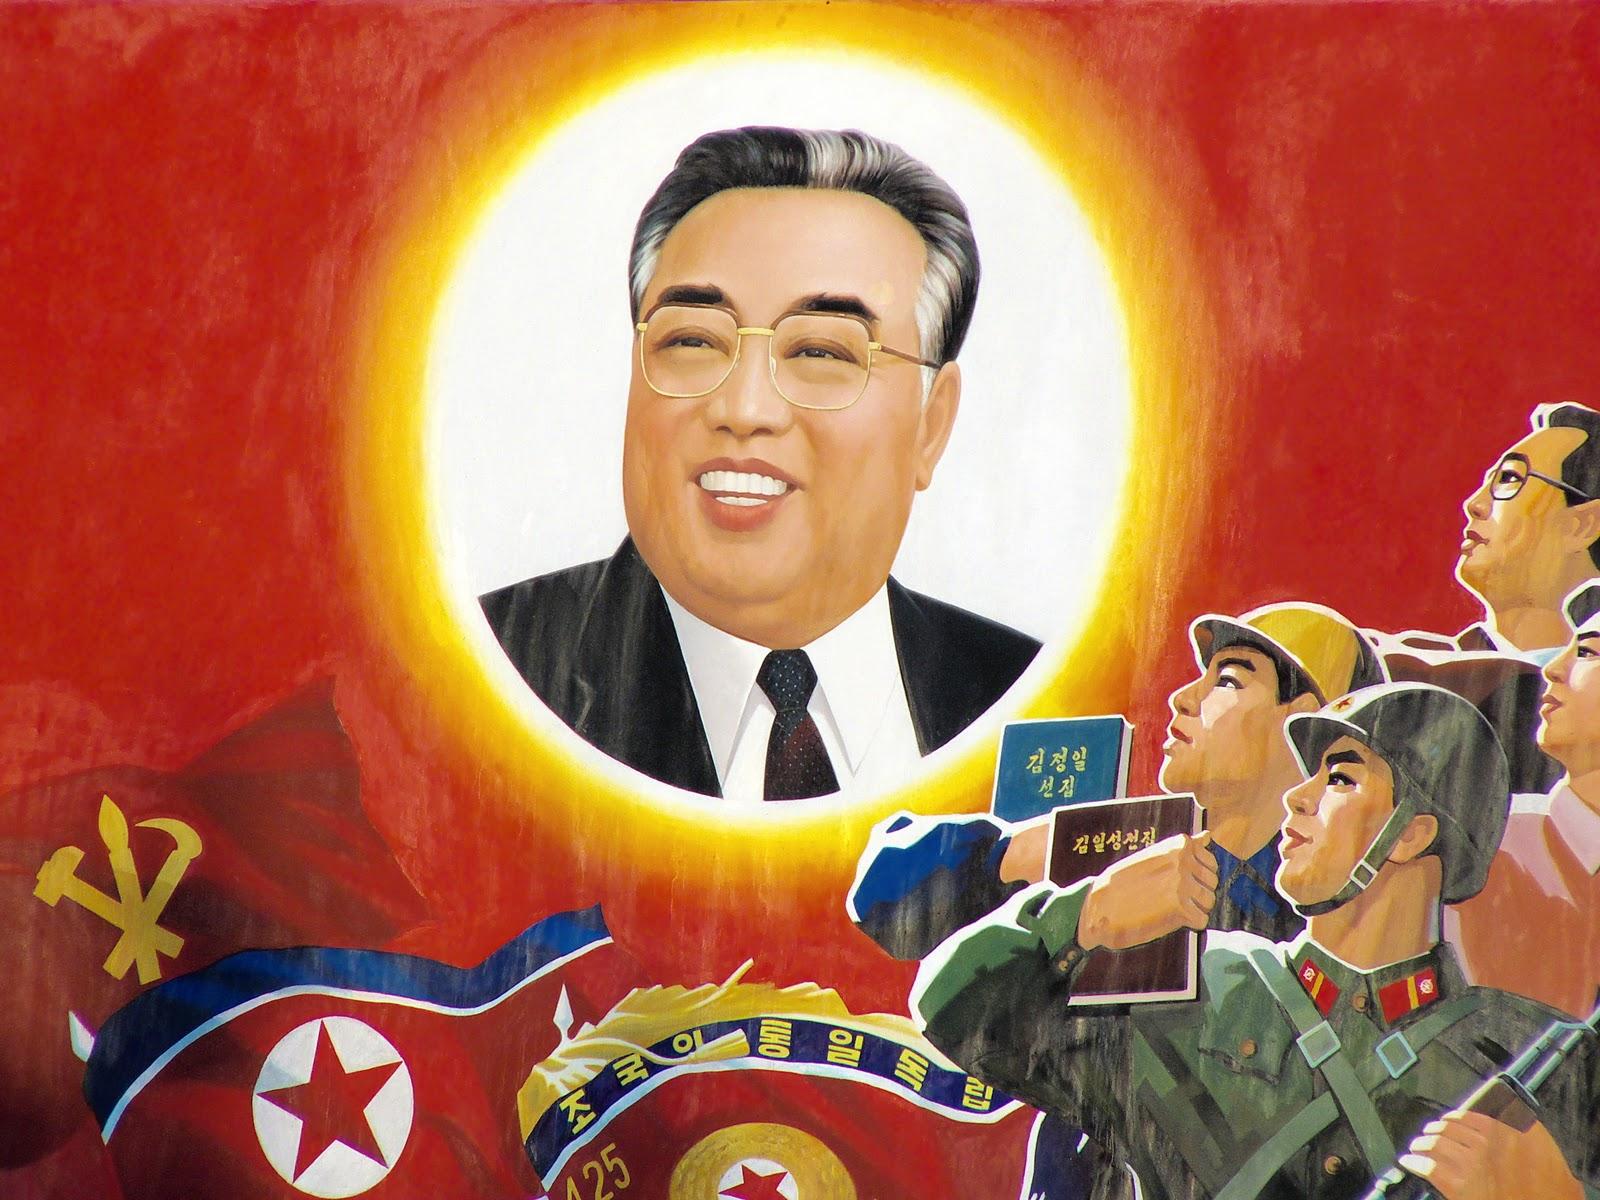 Corea del Norte celebró el centenario de su fundador, Kim il Sung